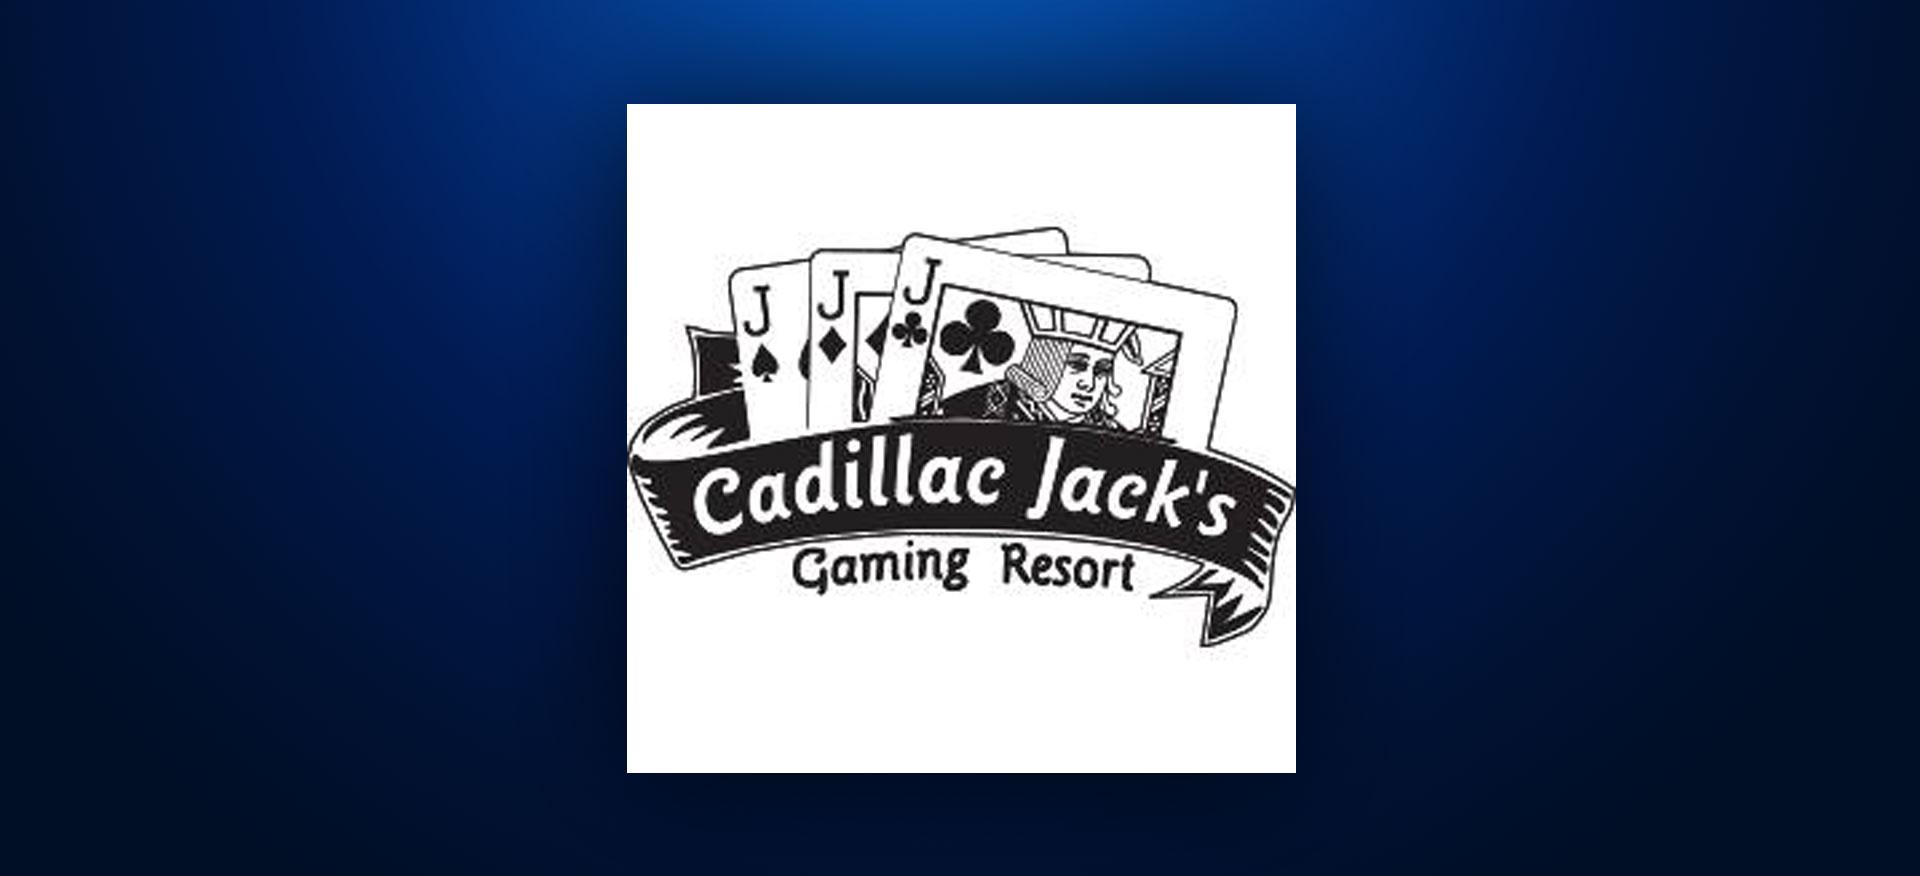 cadillac jack gaming resort